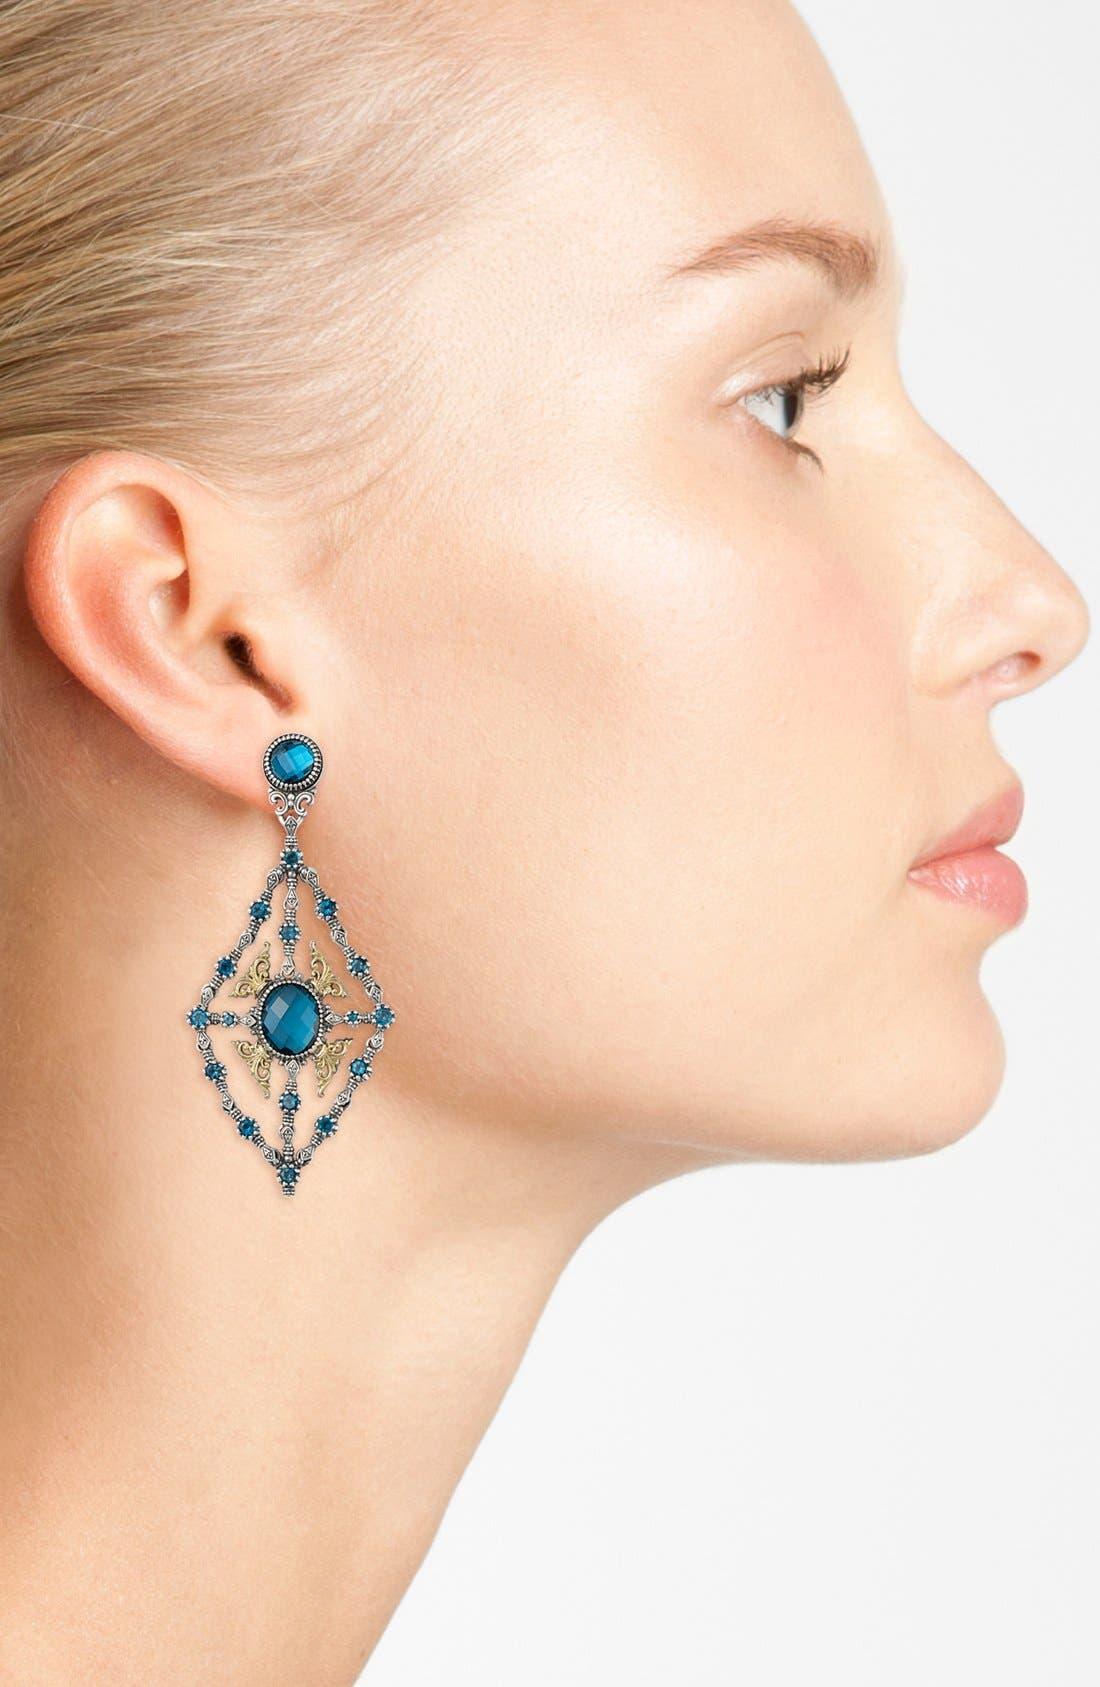 'Thalassa' Blue Topaz Kite Chandelier Earrings,                             Alternate thumbnail 2, color,                             Silver/ London Blue Topaz